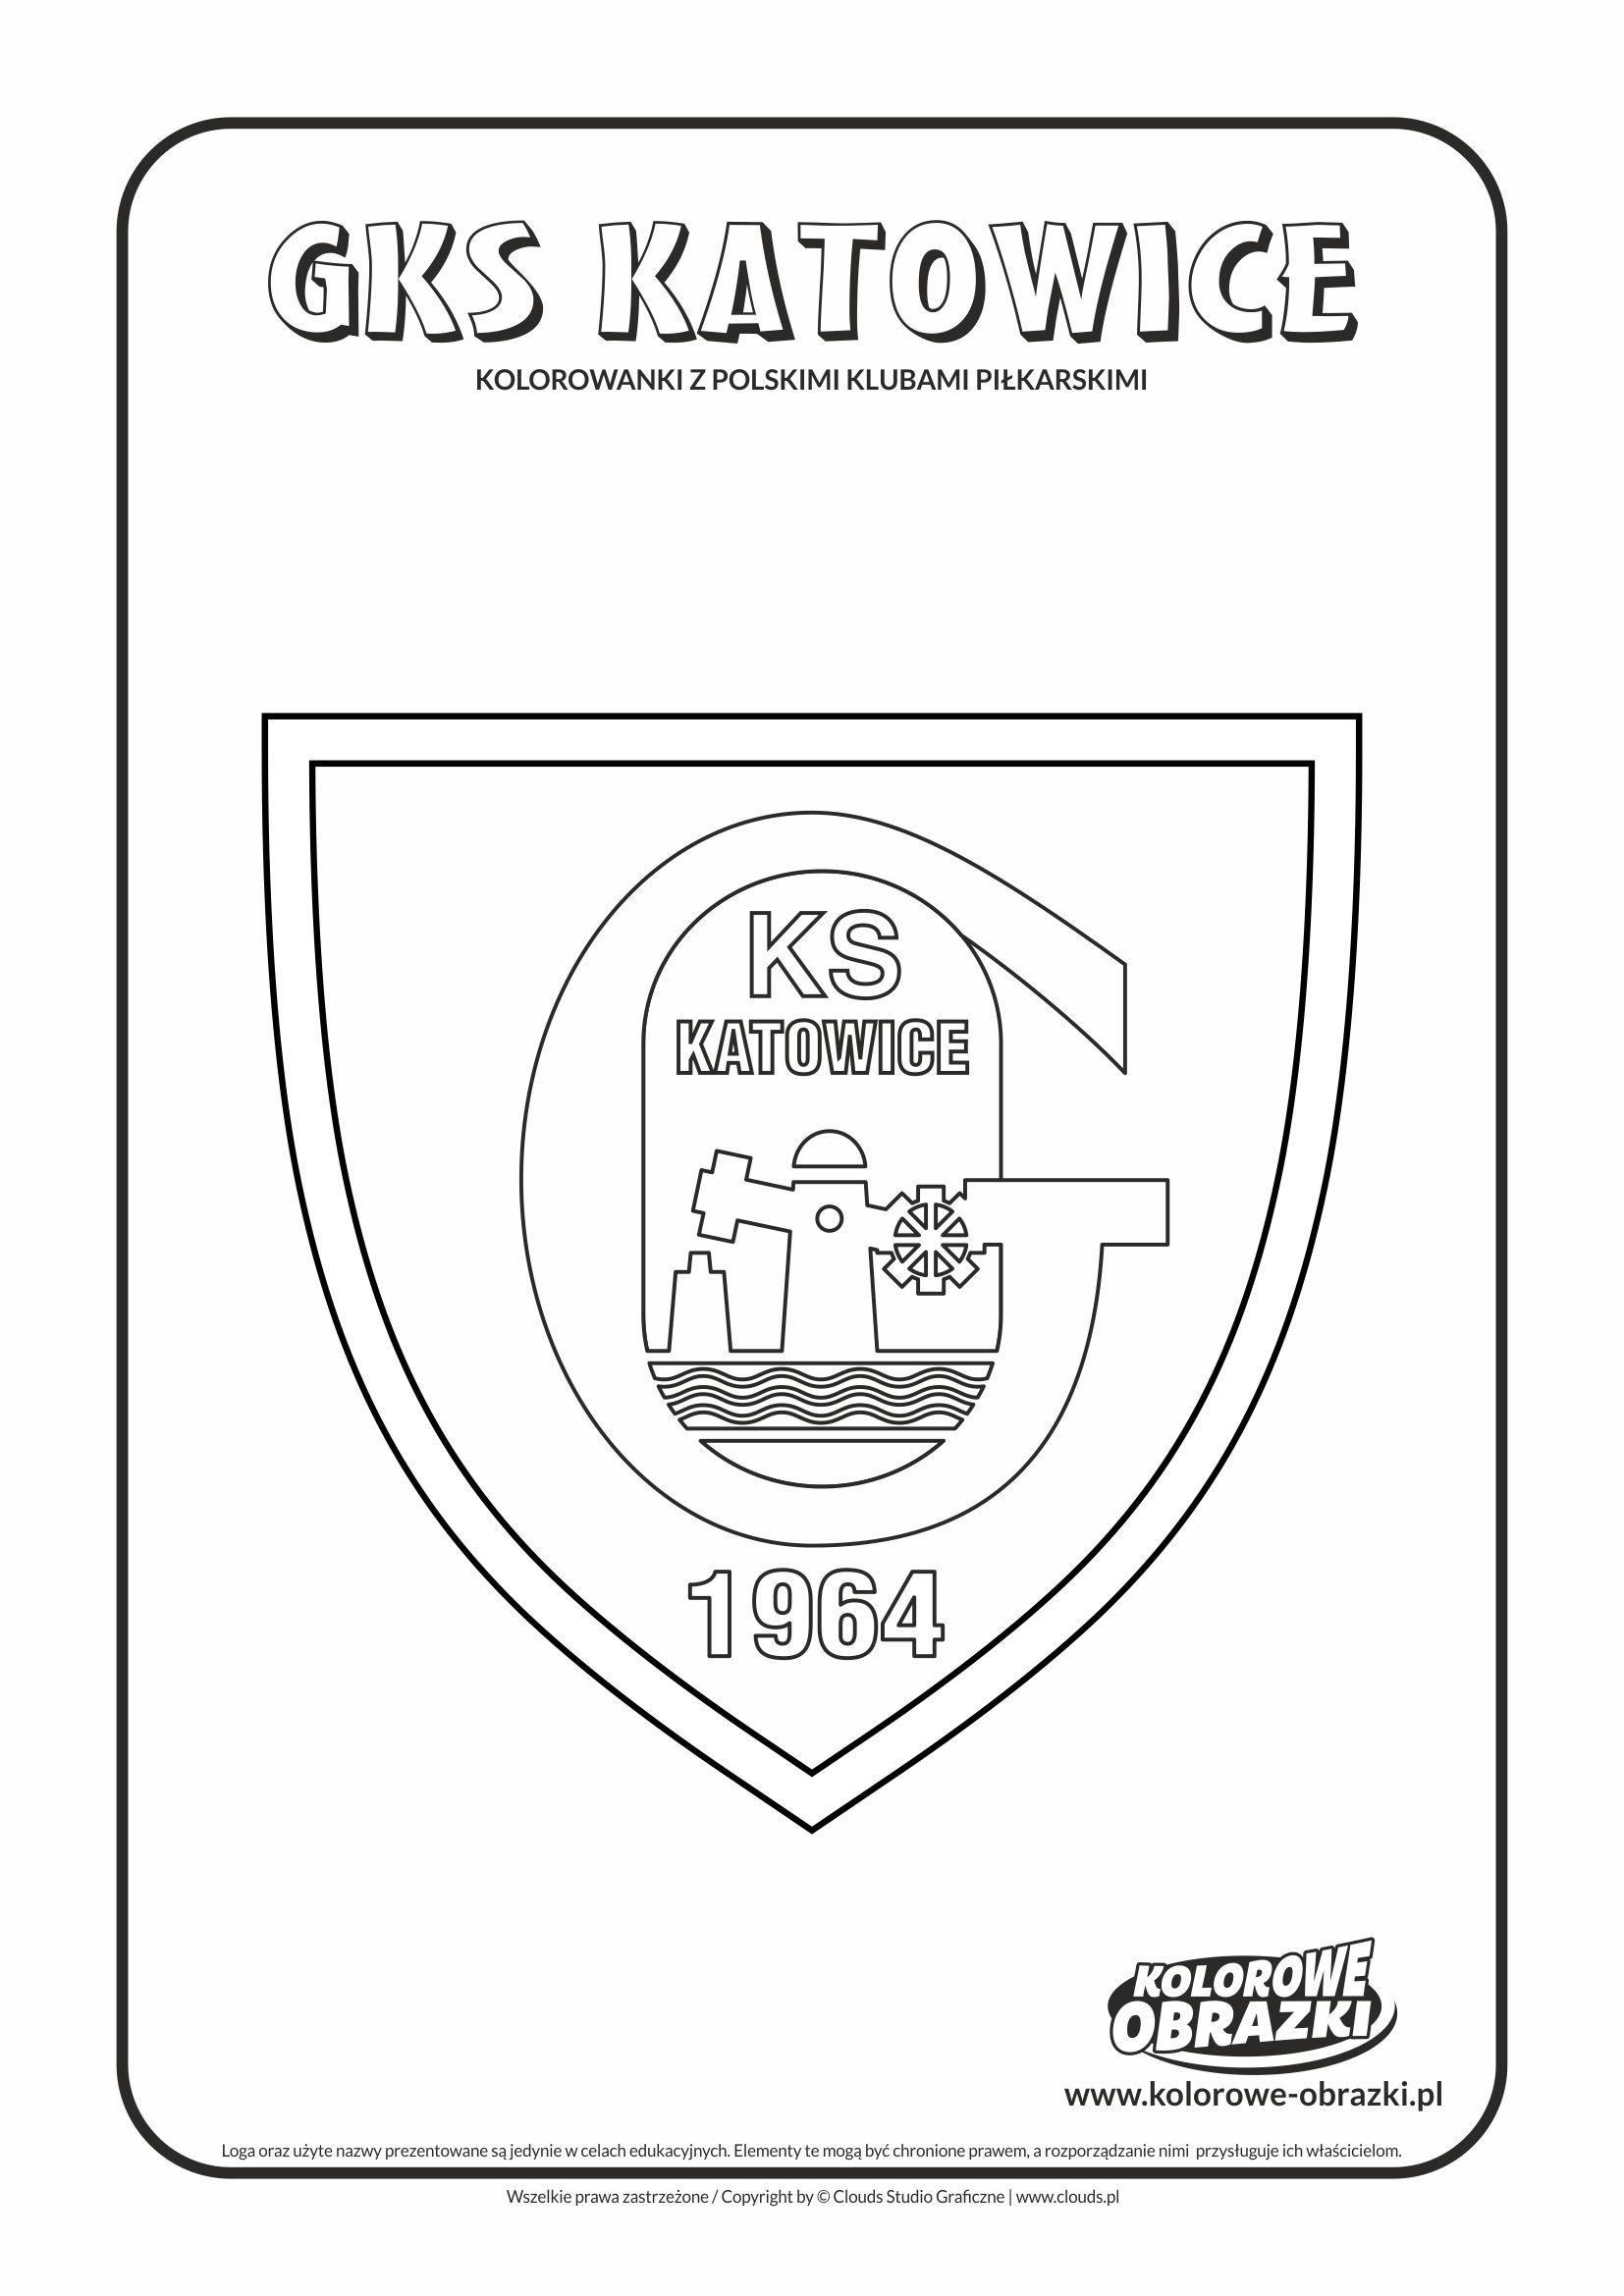 Kolorowanki GKS Katowice – Polskie kluby piłkarskie